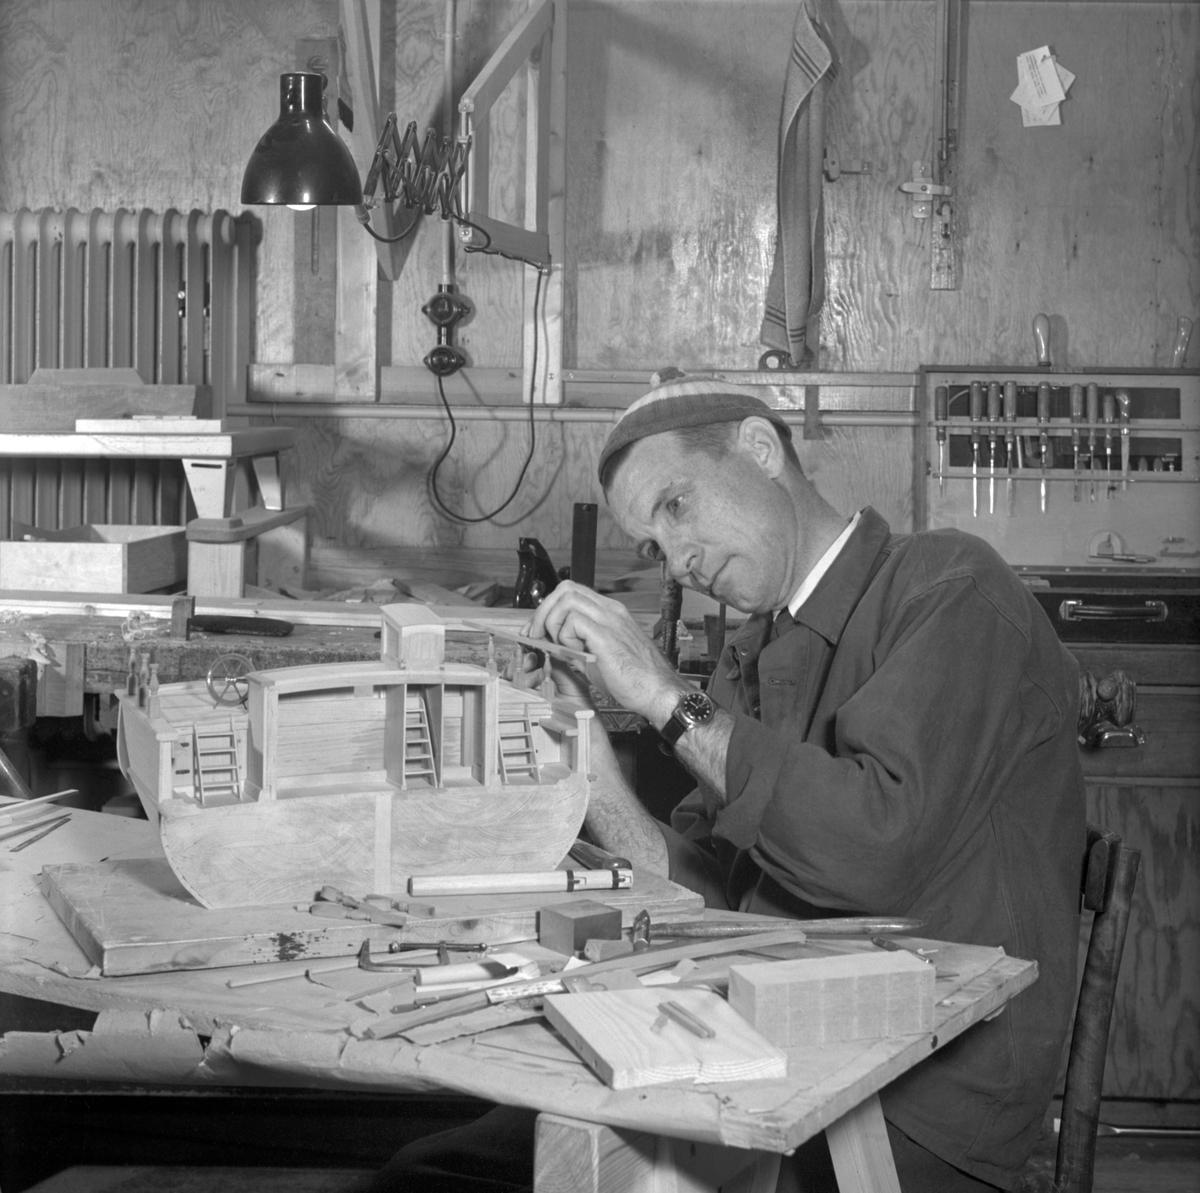 Voldemar Konga, modellbyggare på Sjöhistoriska museet, i arbete med en skeppsmodell